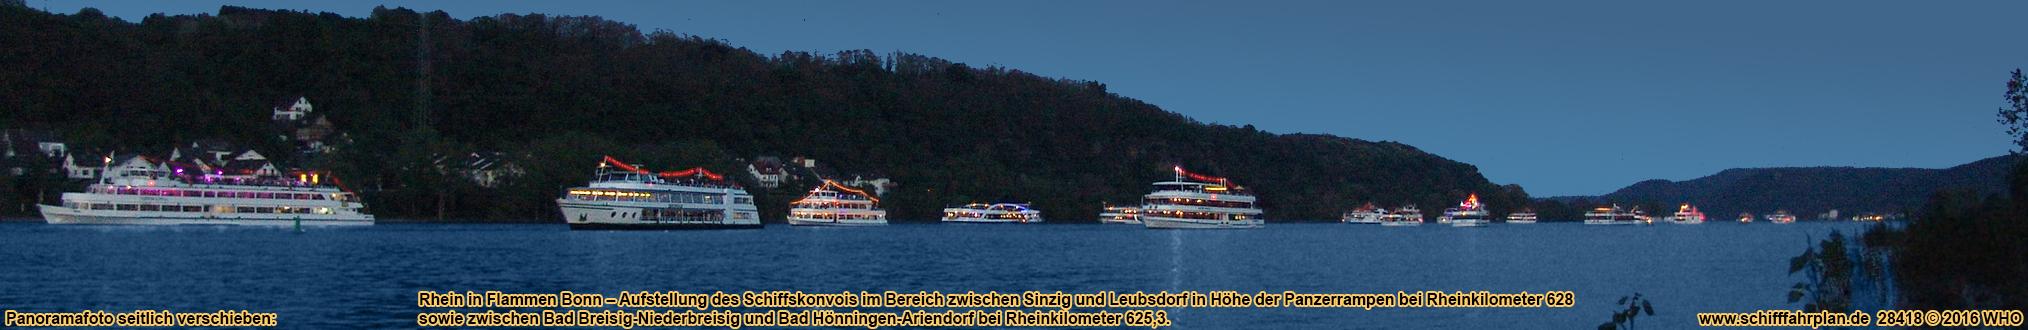 Weihnachtsfeier Schiff Köln.Rhein Feuerwerk Bonn 2020 2021 Schifffahrt Siebengebirge Mai Karten